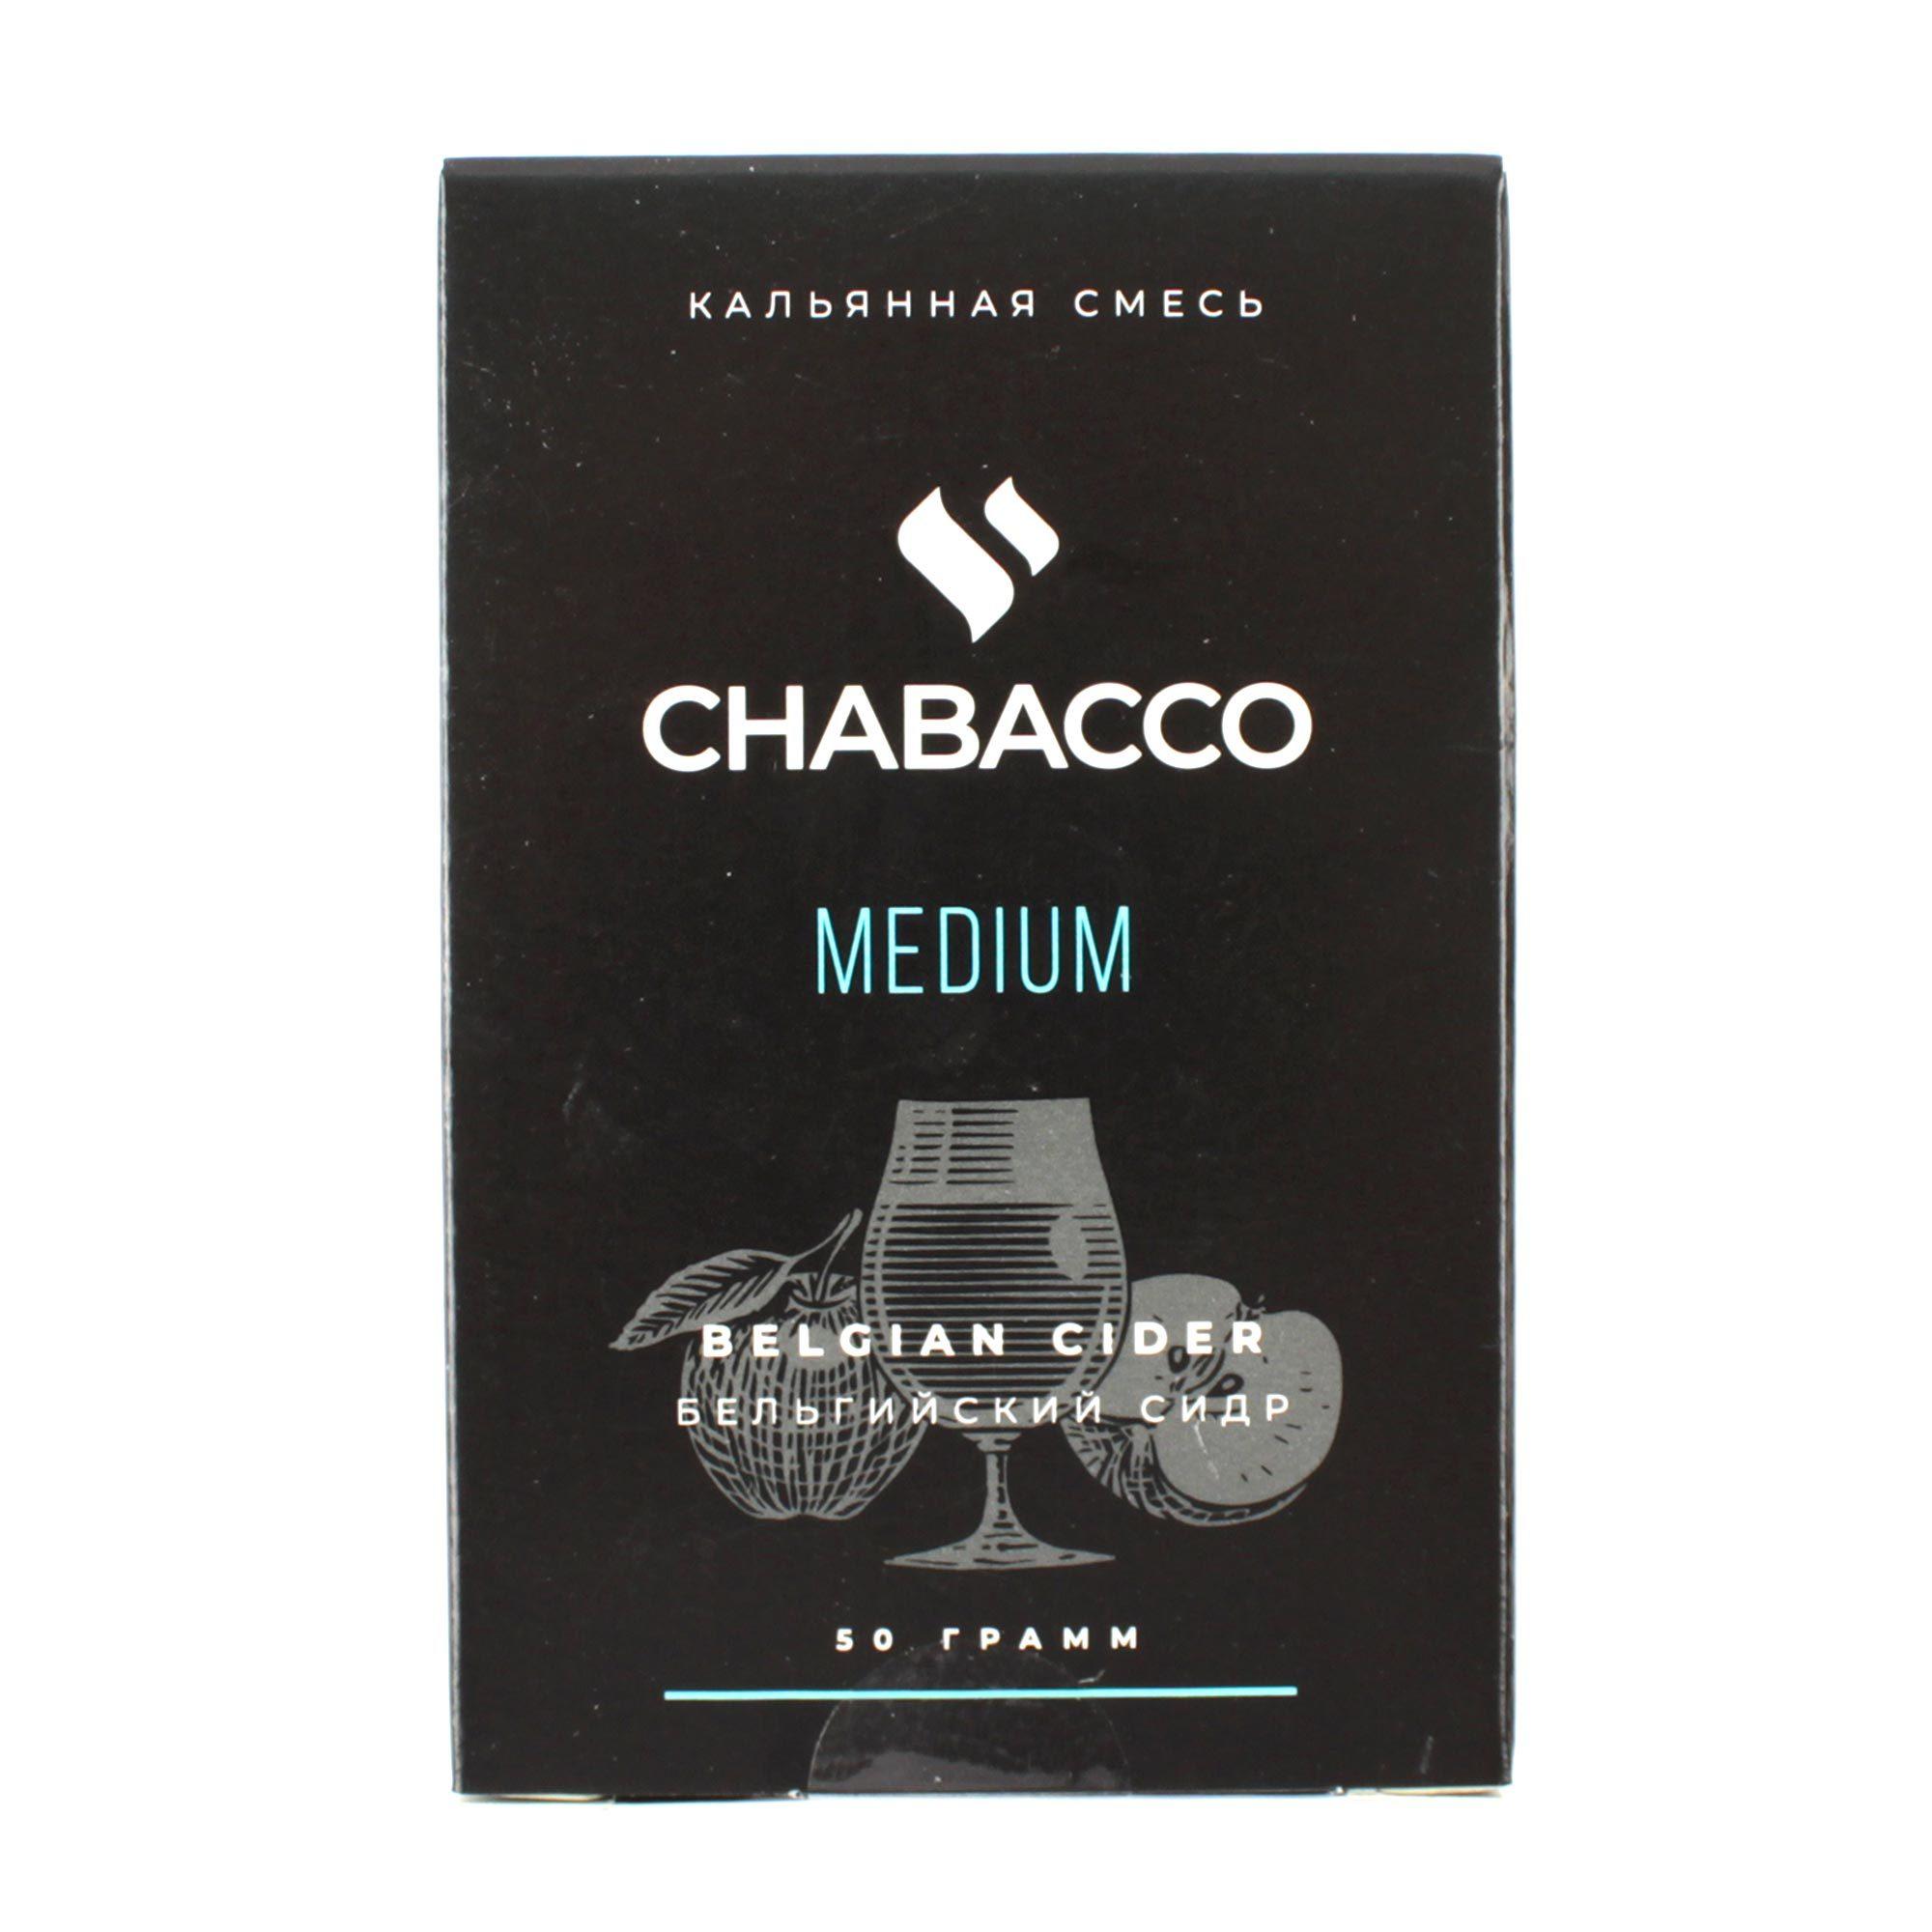 Кальянная смесь Chabacco Medium 50 гр Belgian Cider